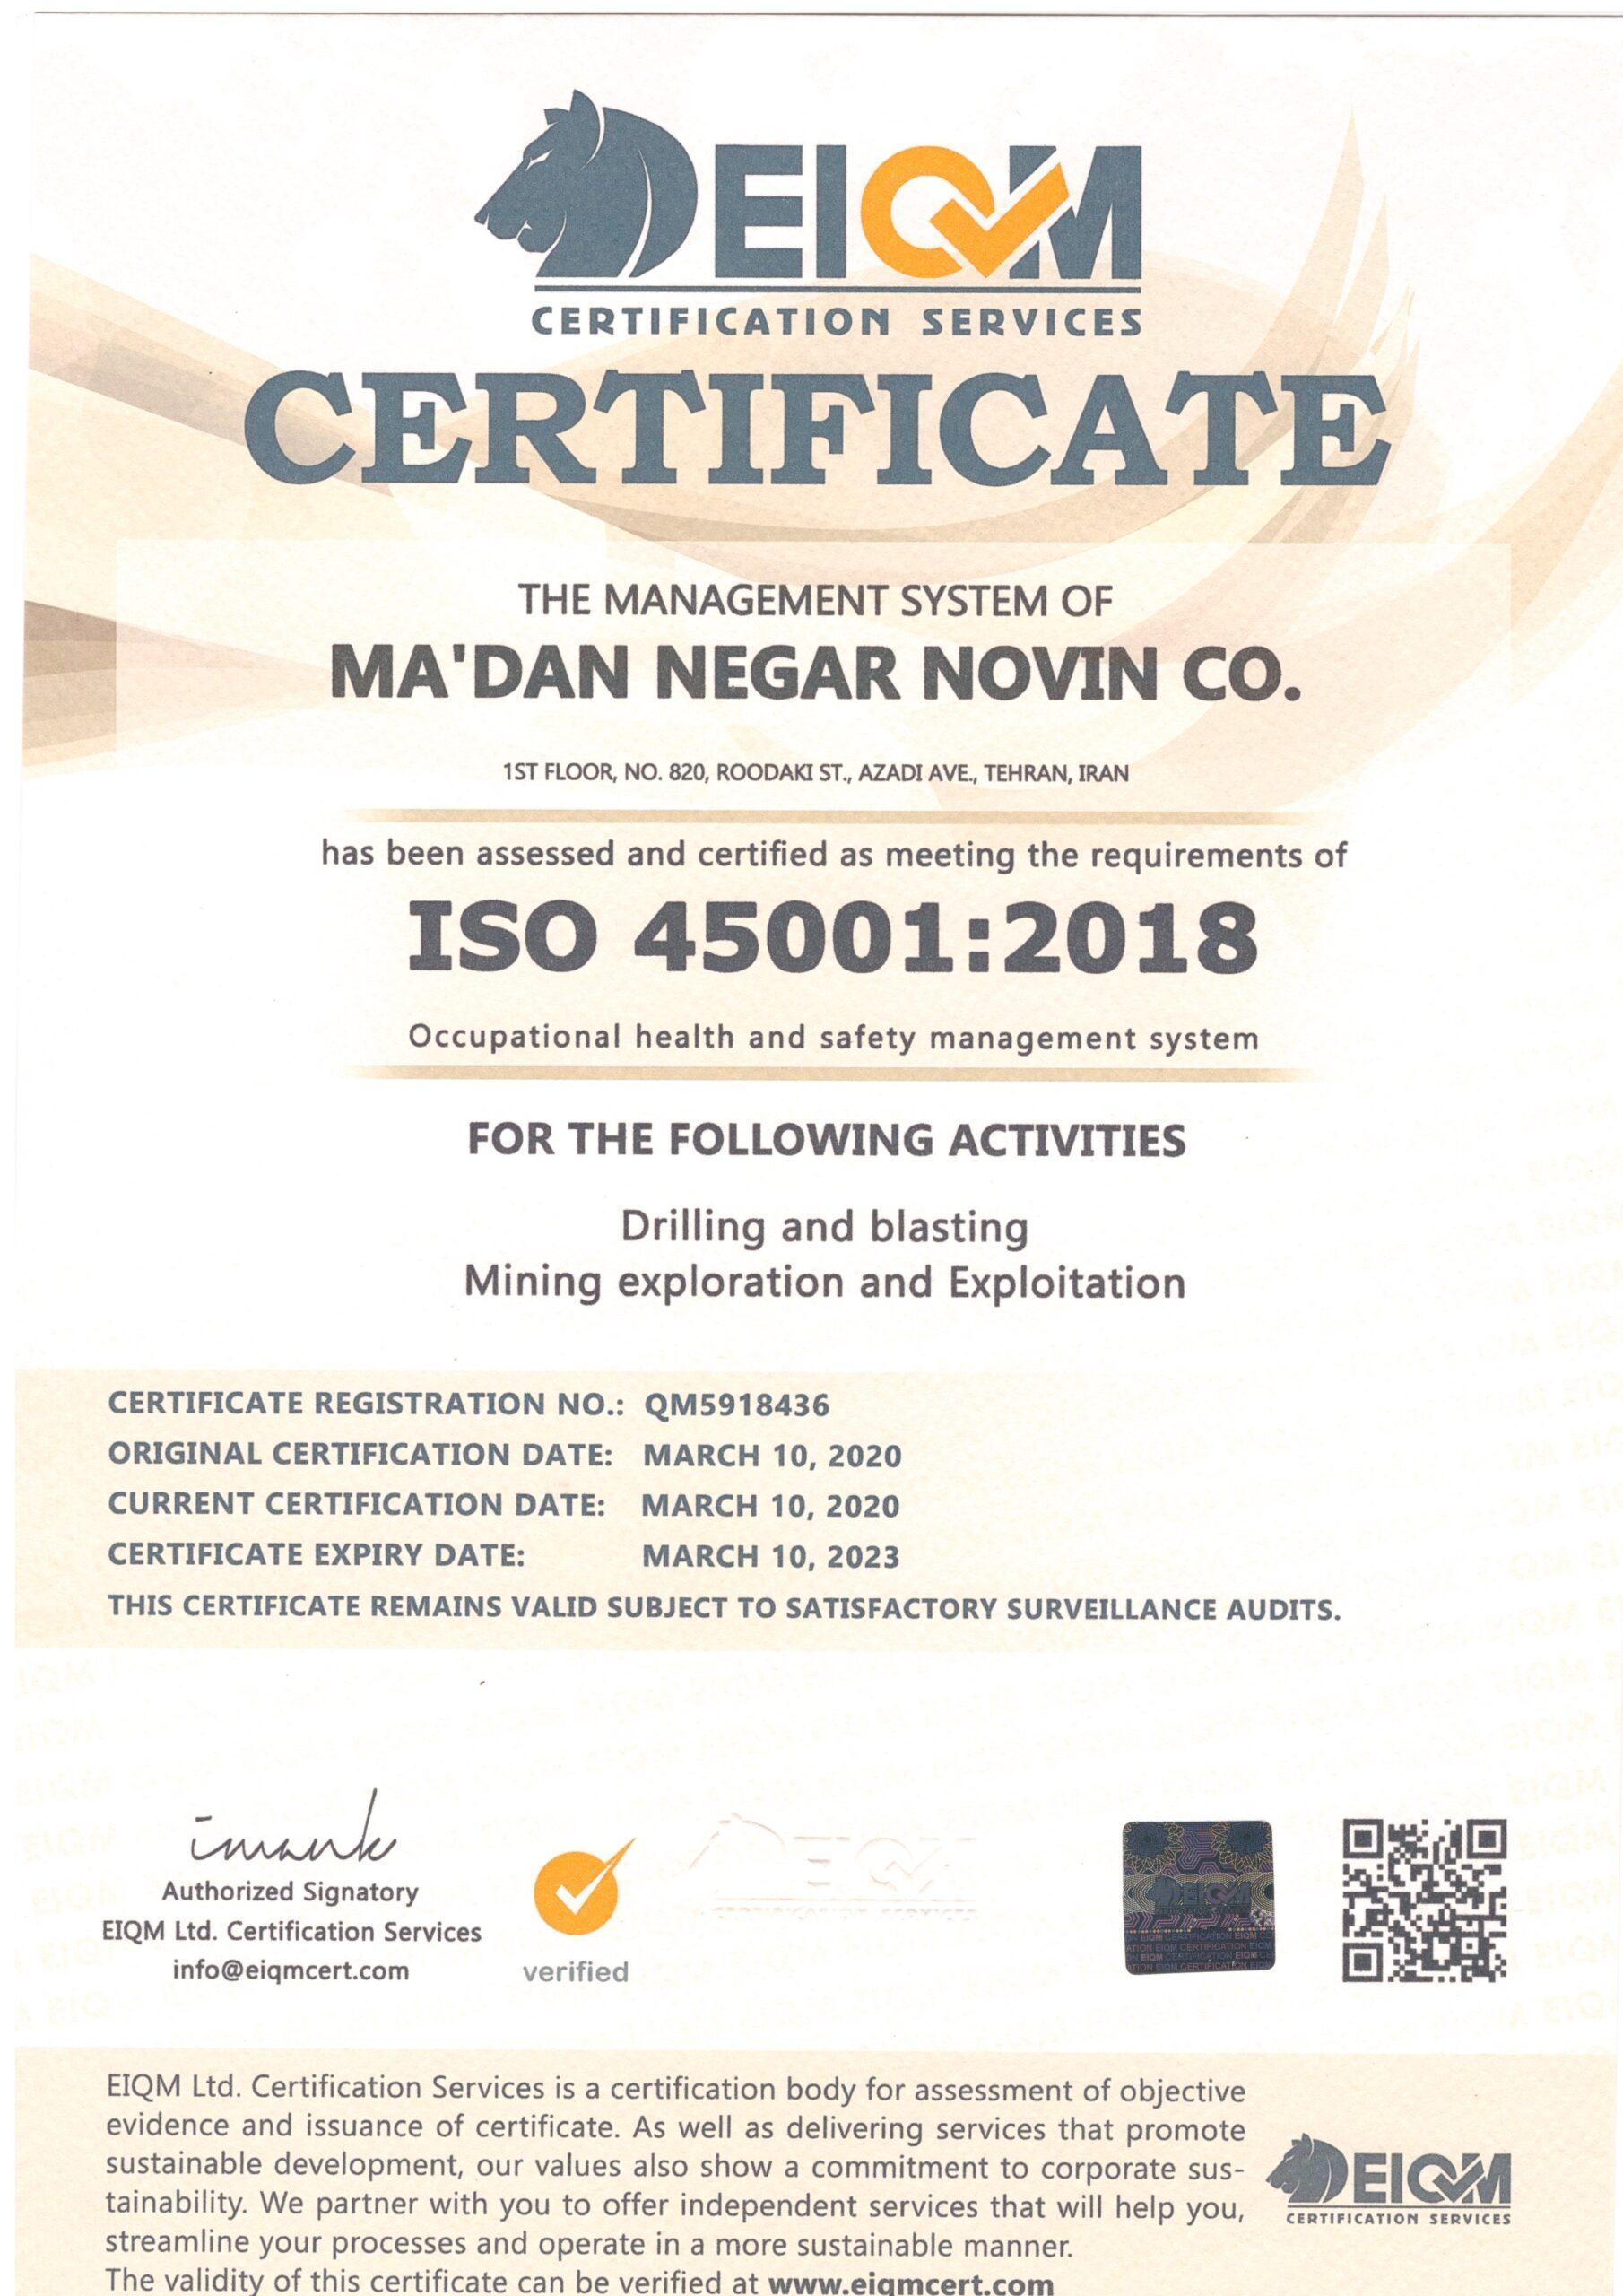 گواهینامه بین المللی ایزو 45001